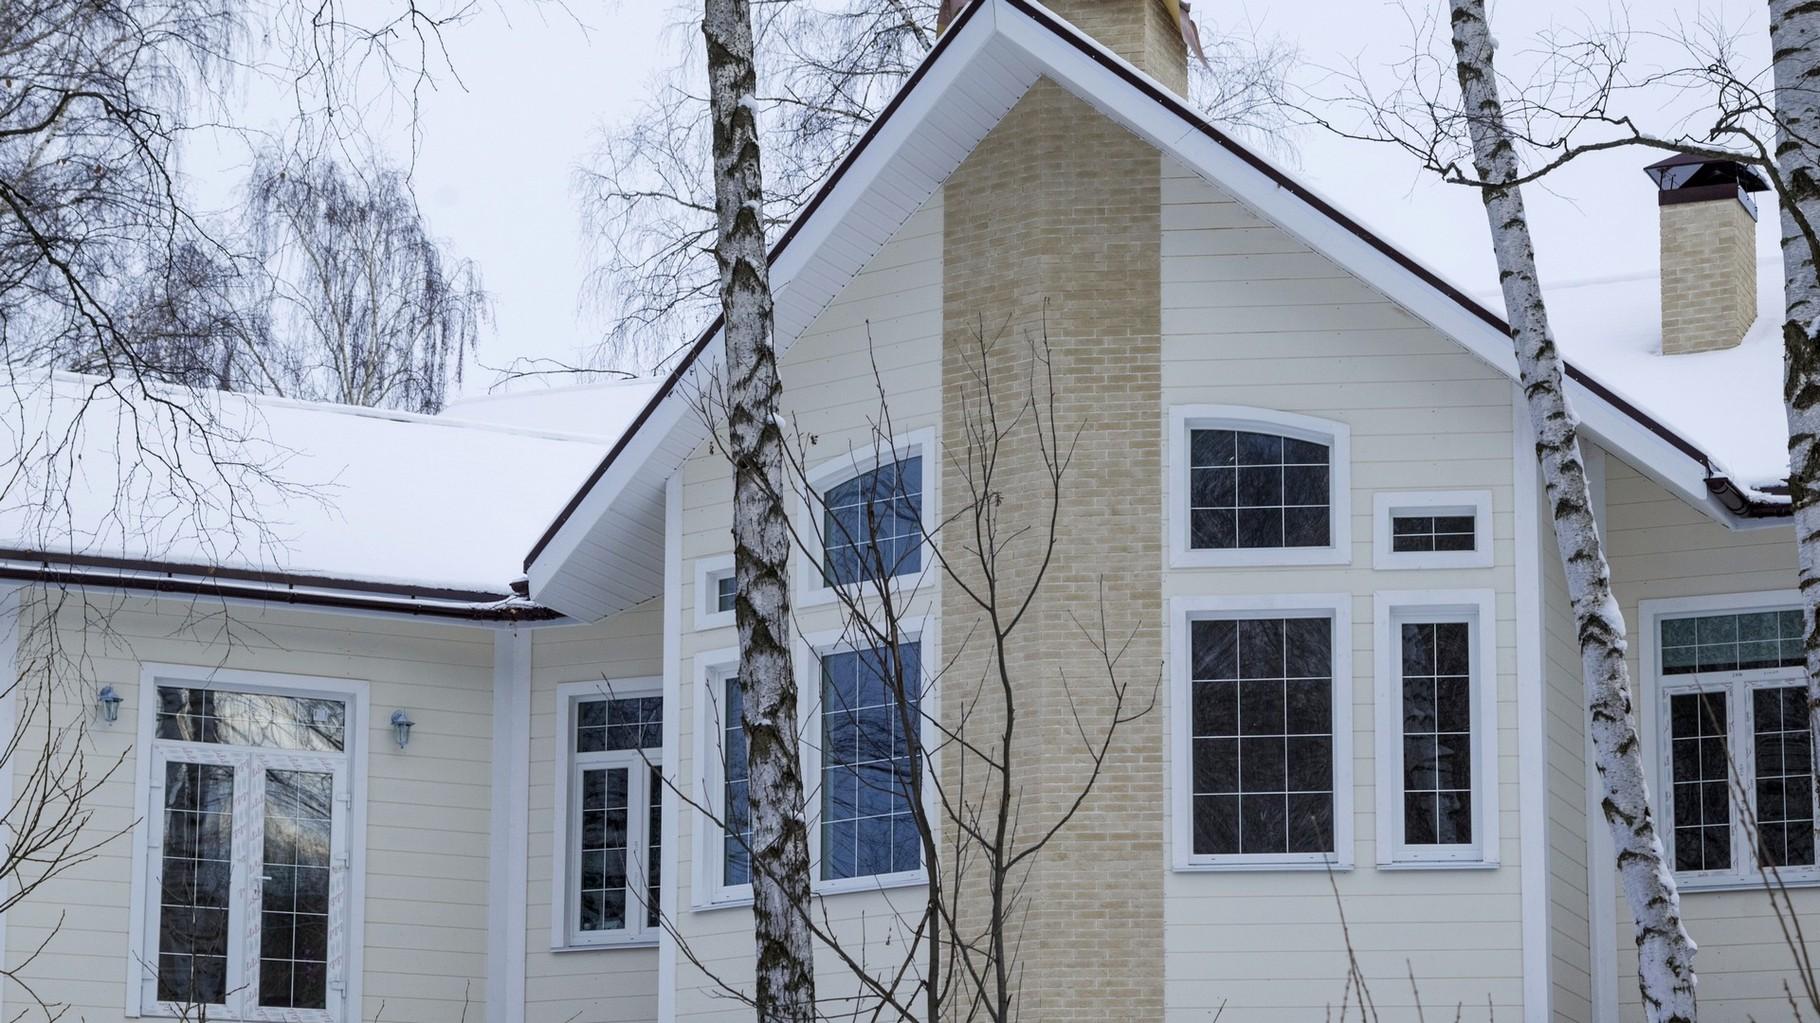 Обшивка фасада - раухаус. Наличники - деревянные. Декоративные детали - искусственный камень.